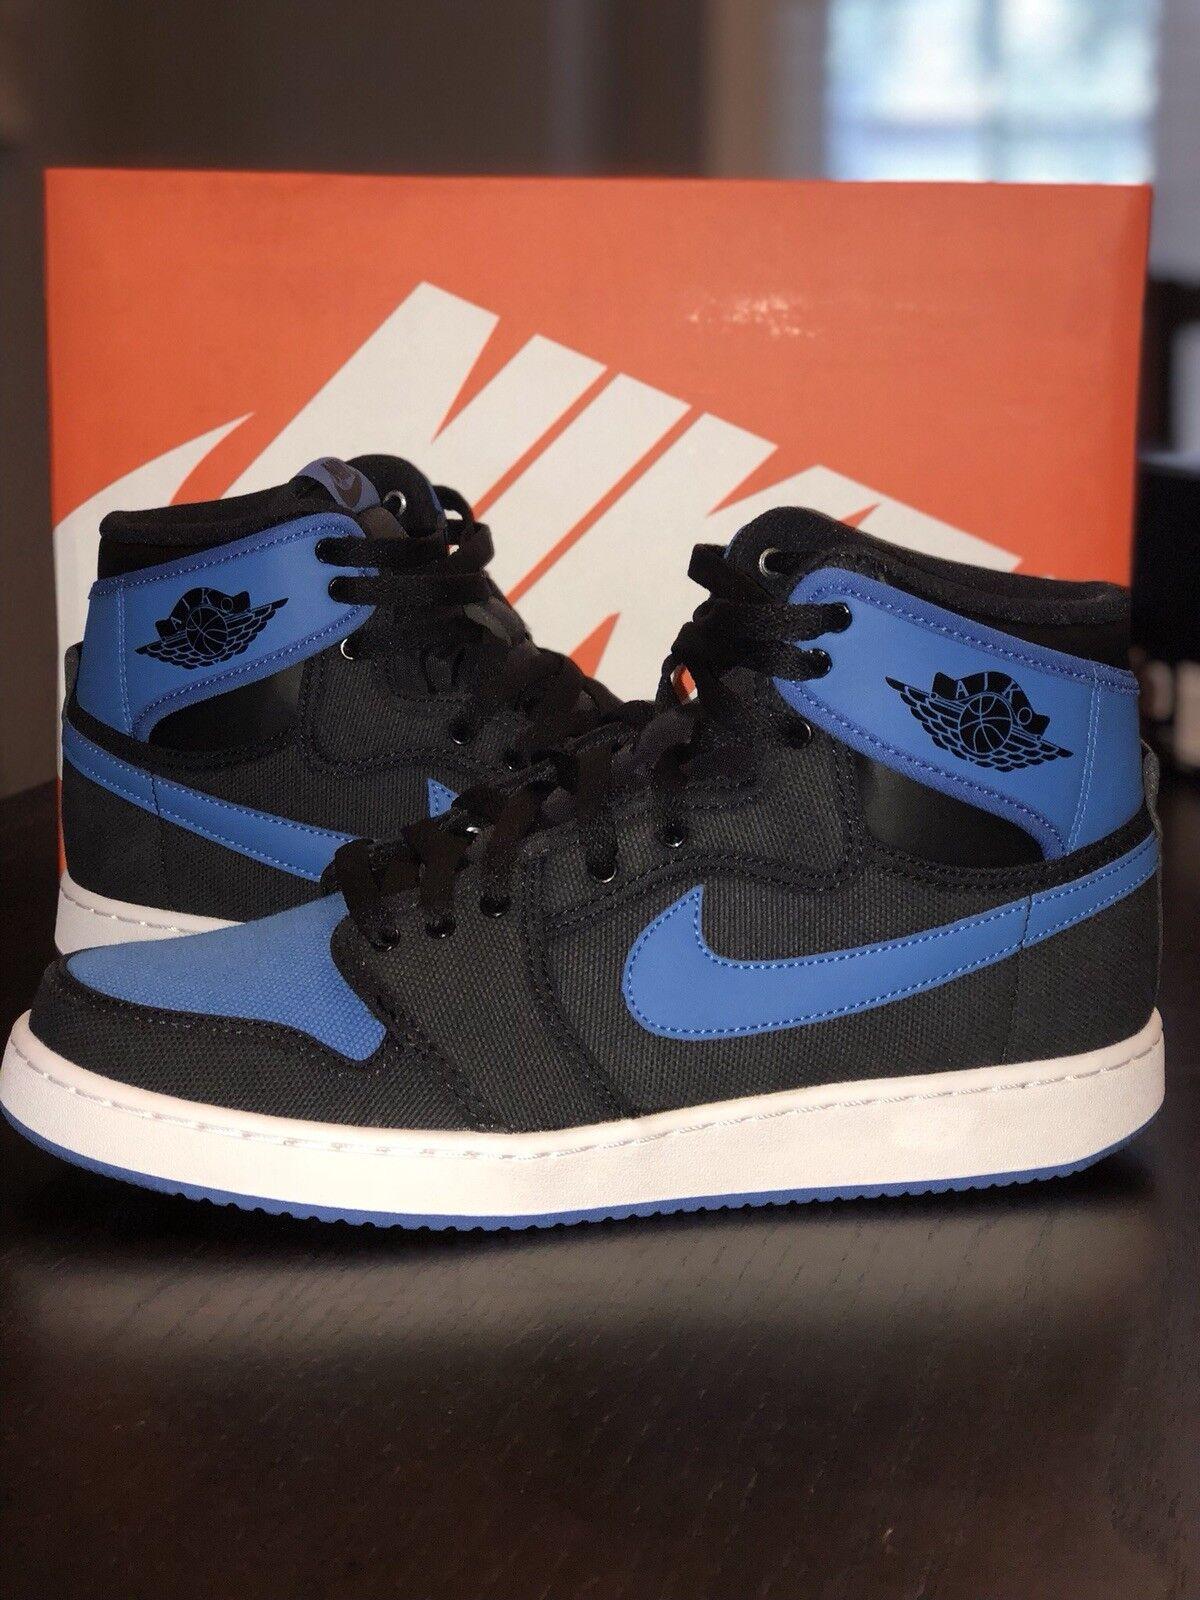 Air Jordan Retro 1 KO High OG Royal Blue/Black. Size 9